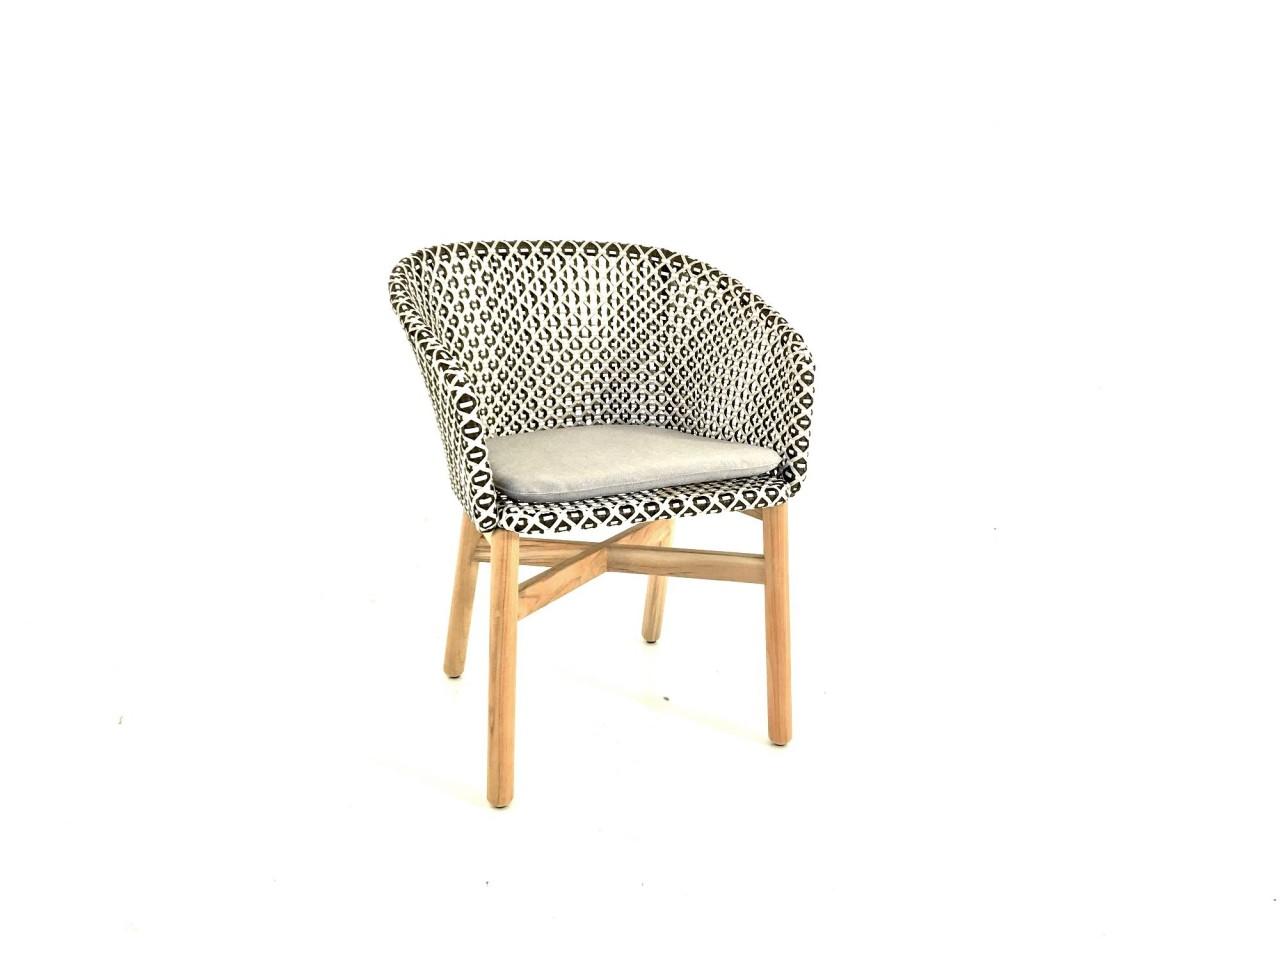 Dedon MBRACE ARMCHAIR Armlehnstuhl in der Farbe pepper mit Sitzkissen im Stoff 452 cool taupe